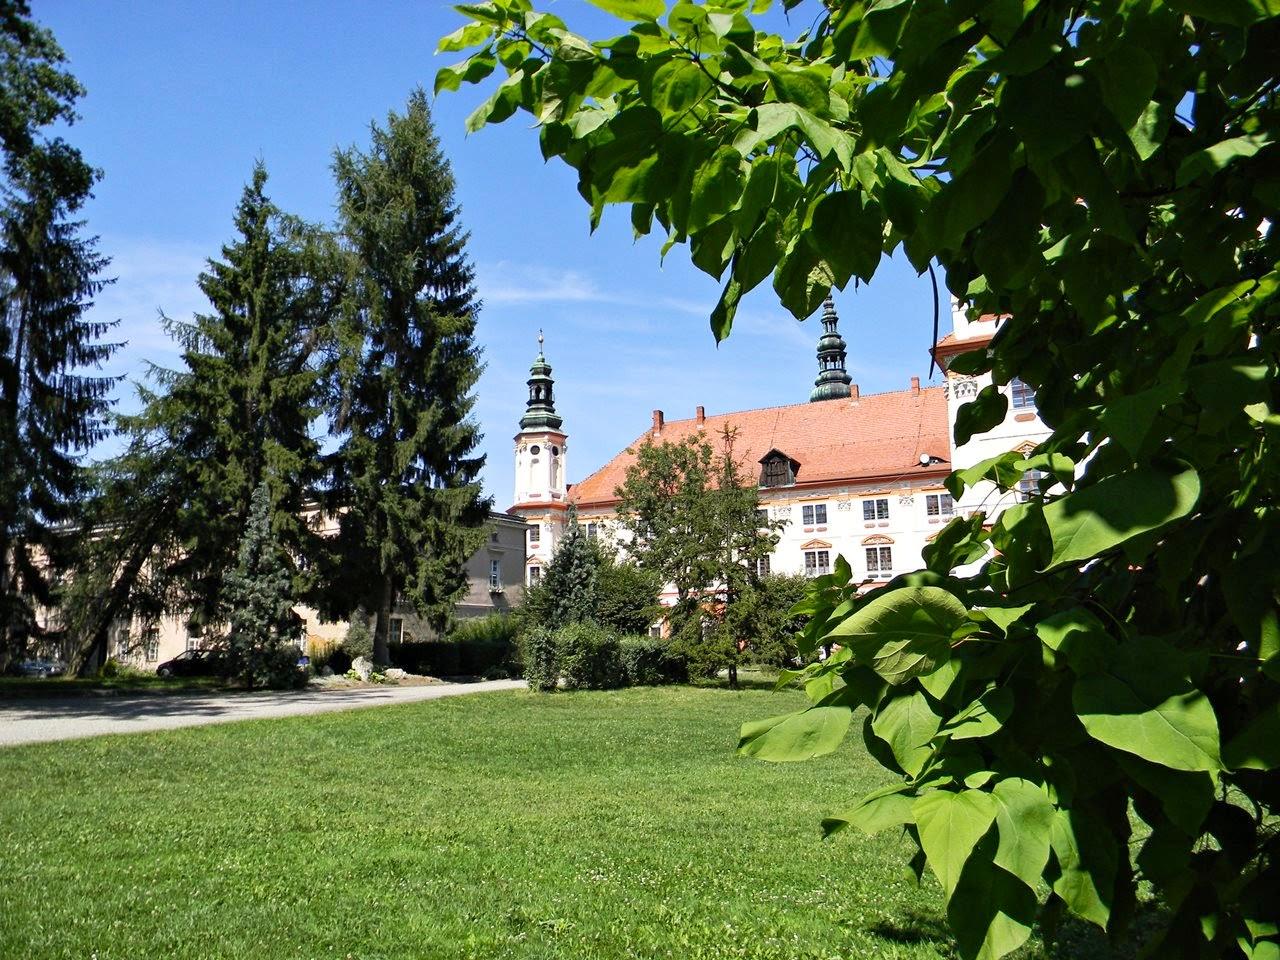 zieleń, park, klasztor, kościół, zwiedzanie